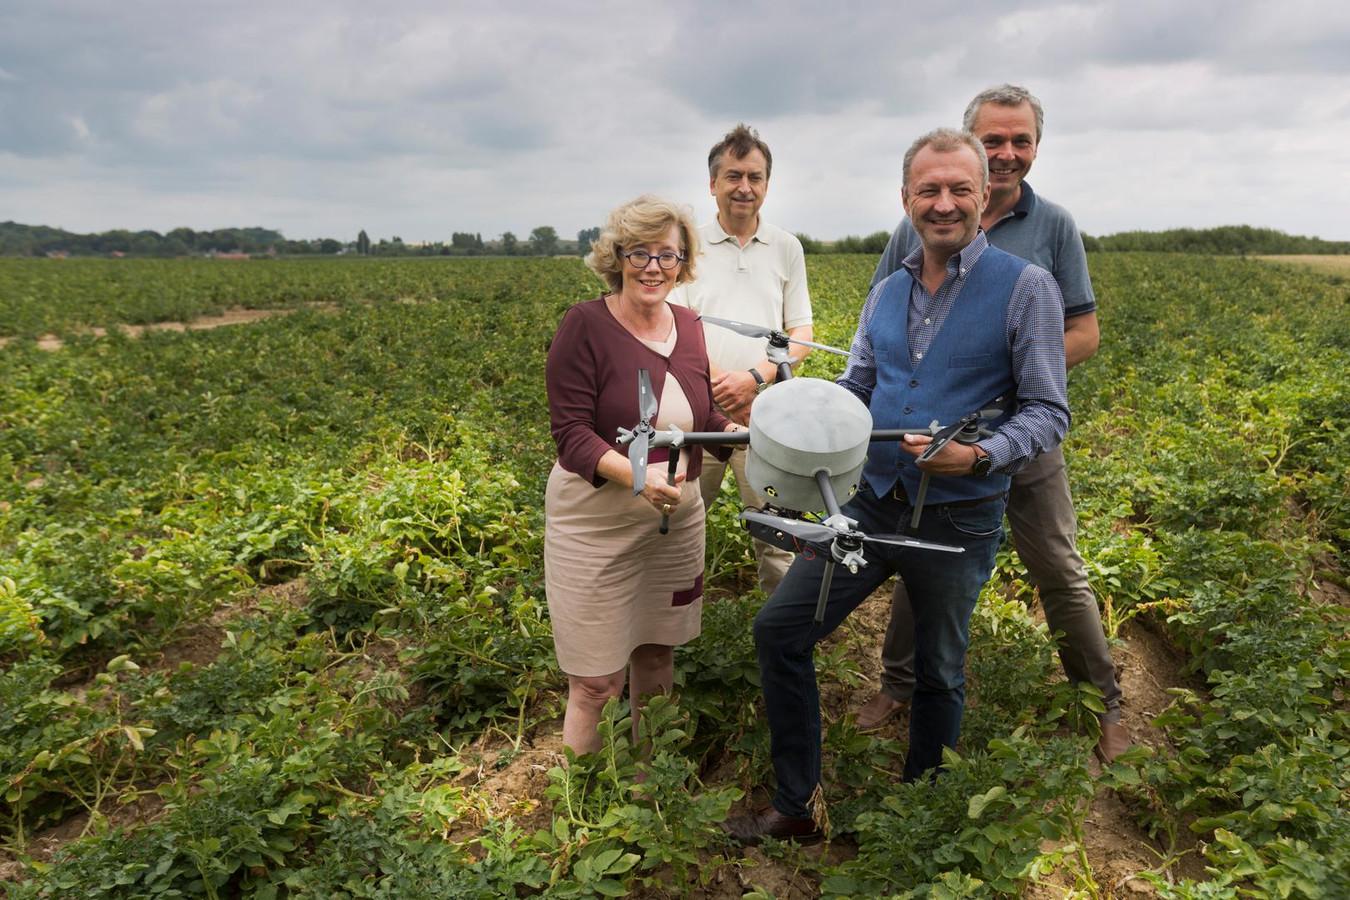 De stad Sint-Truiden zet samen met het proefcentrum een drone in voor het meten van schade aan gewassen ten gevolge van de aanhoudende droogte.